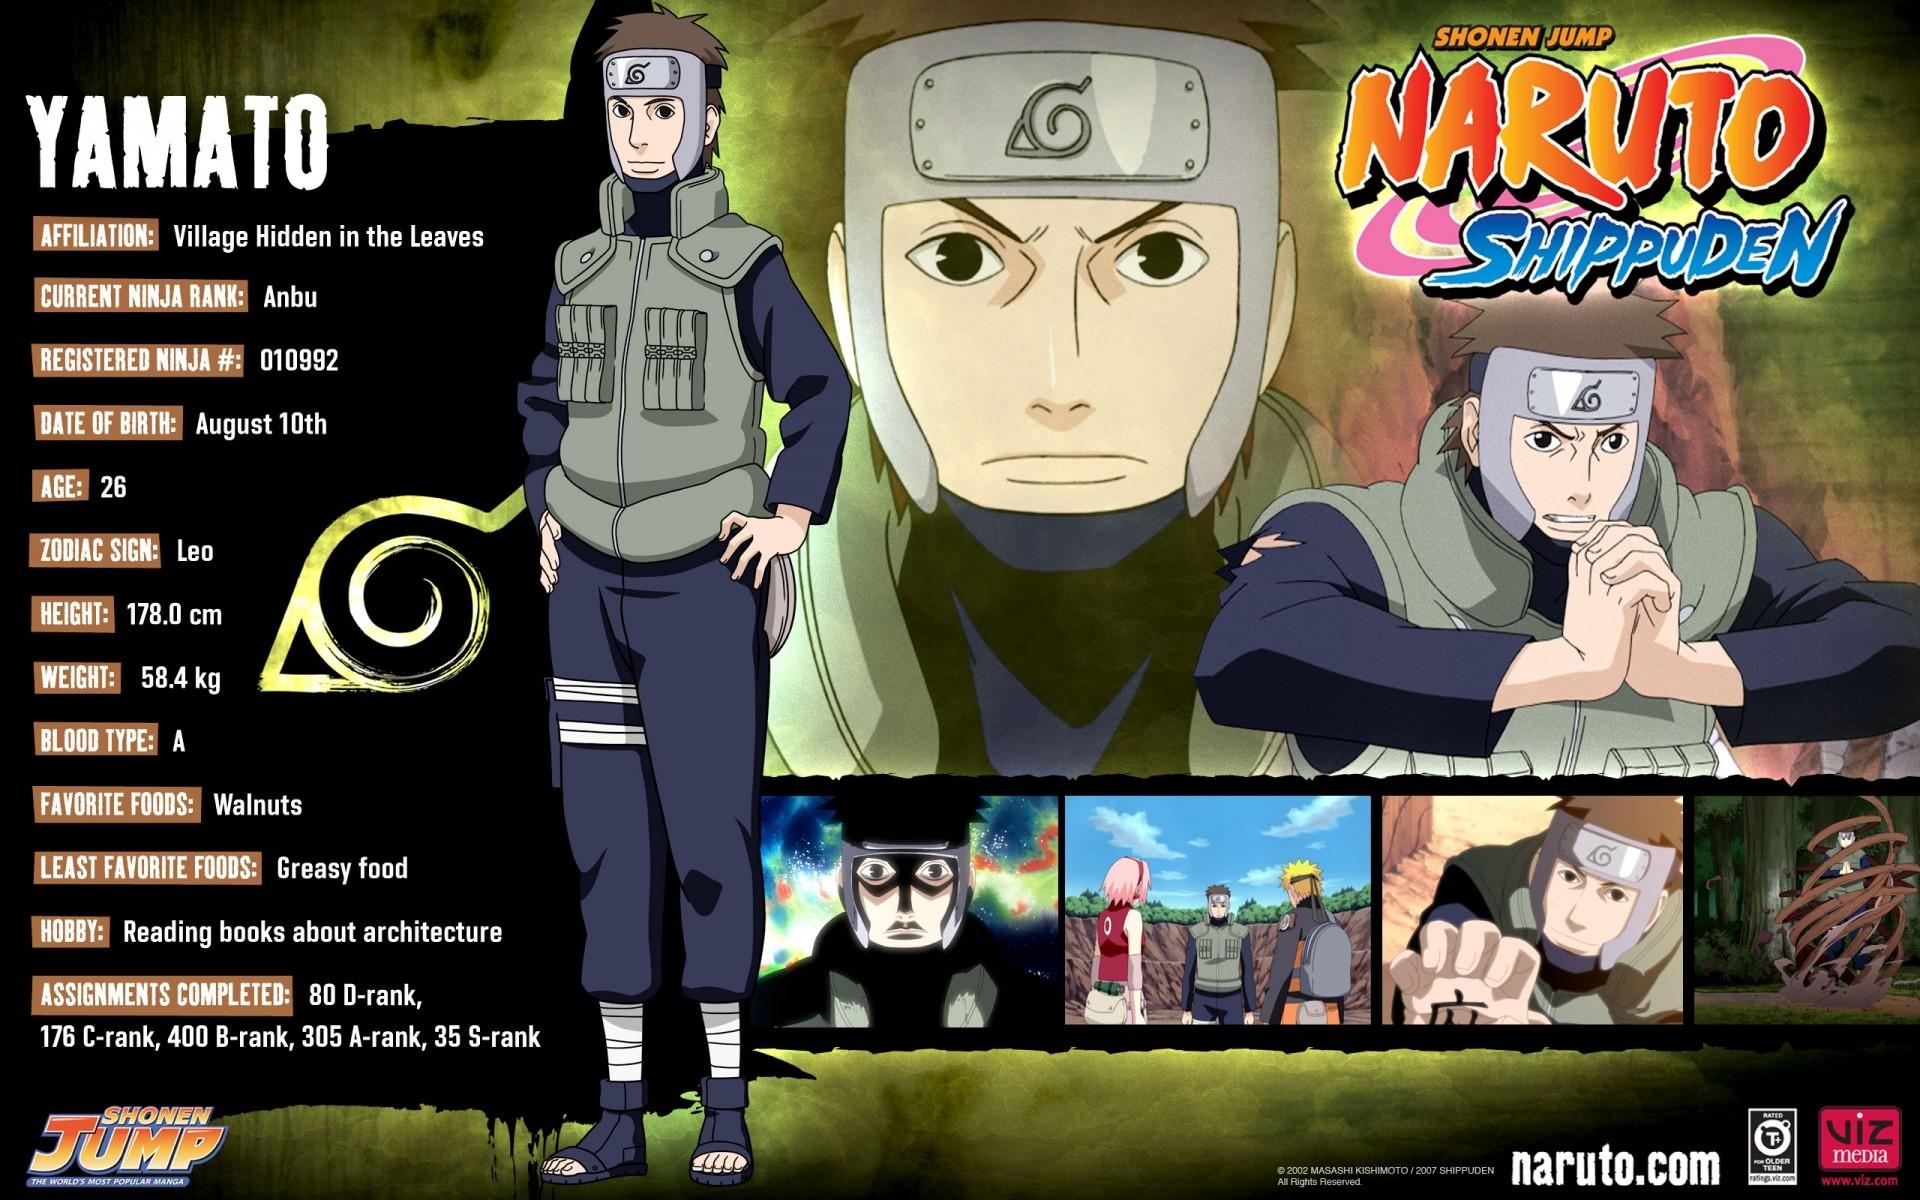 Yamato Naruto shippuden wallpaper